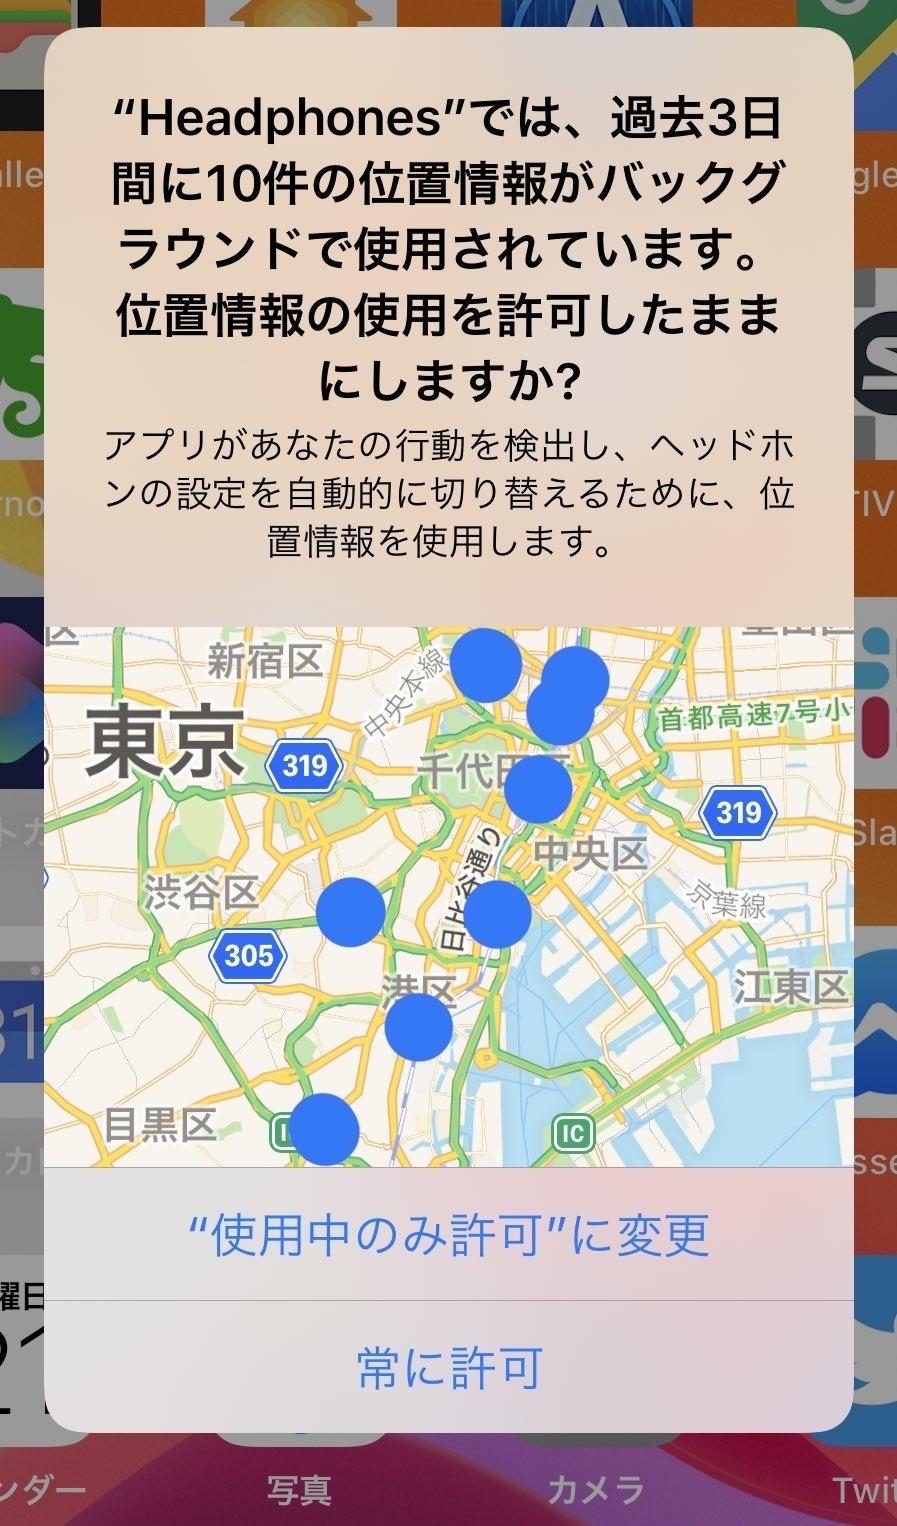 西田宗千佳のトレンドノート:iOS13での「位置情報取得」ダイヤログが示す課題 2番目の画像